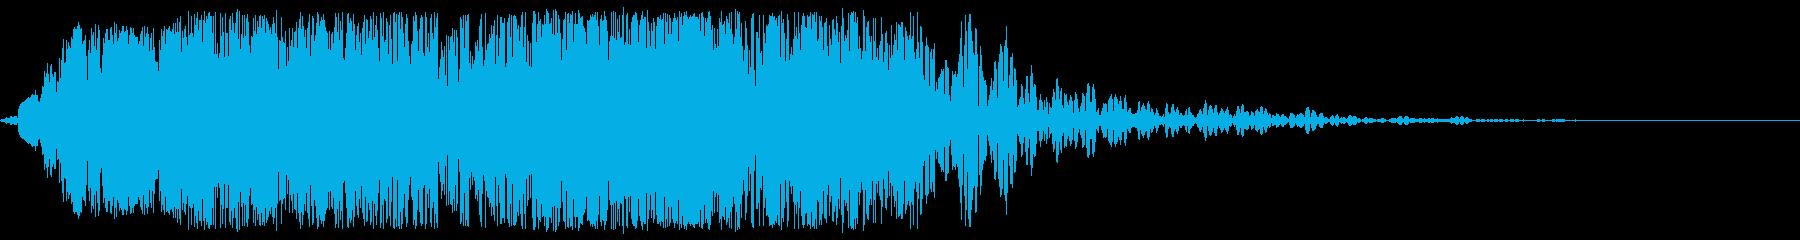 サイバー電気雷撃の再生済みの波形